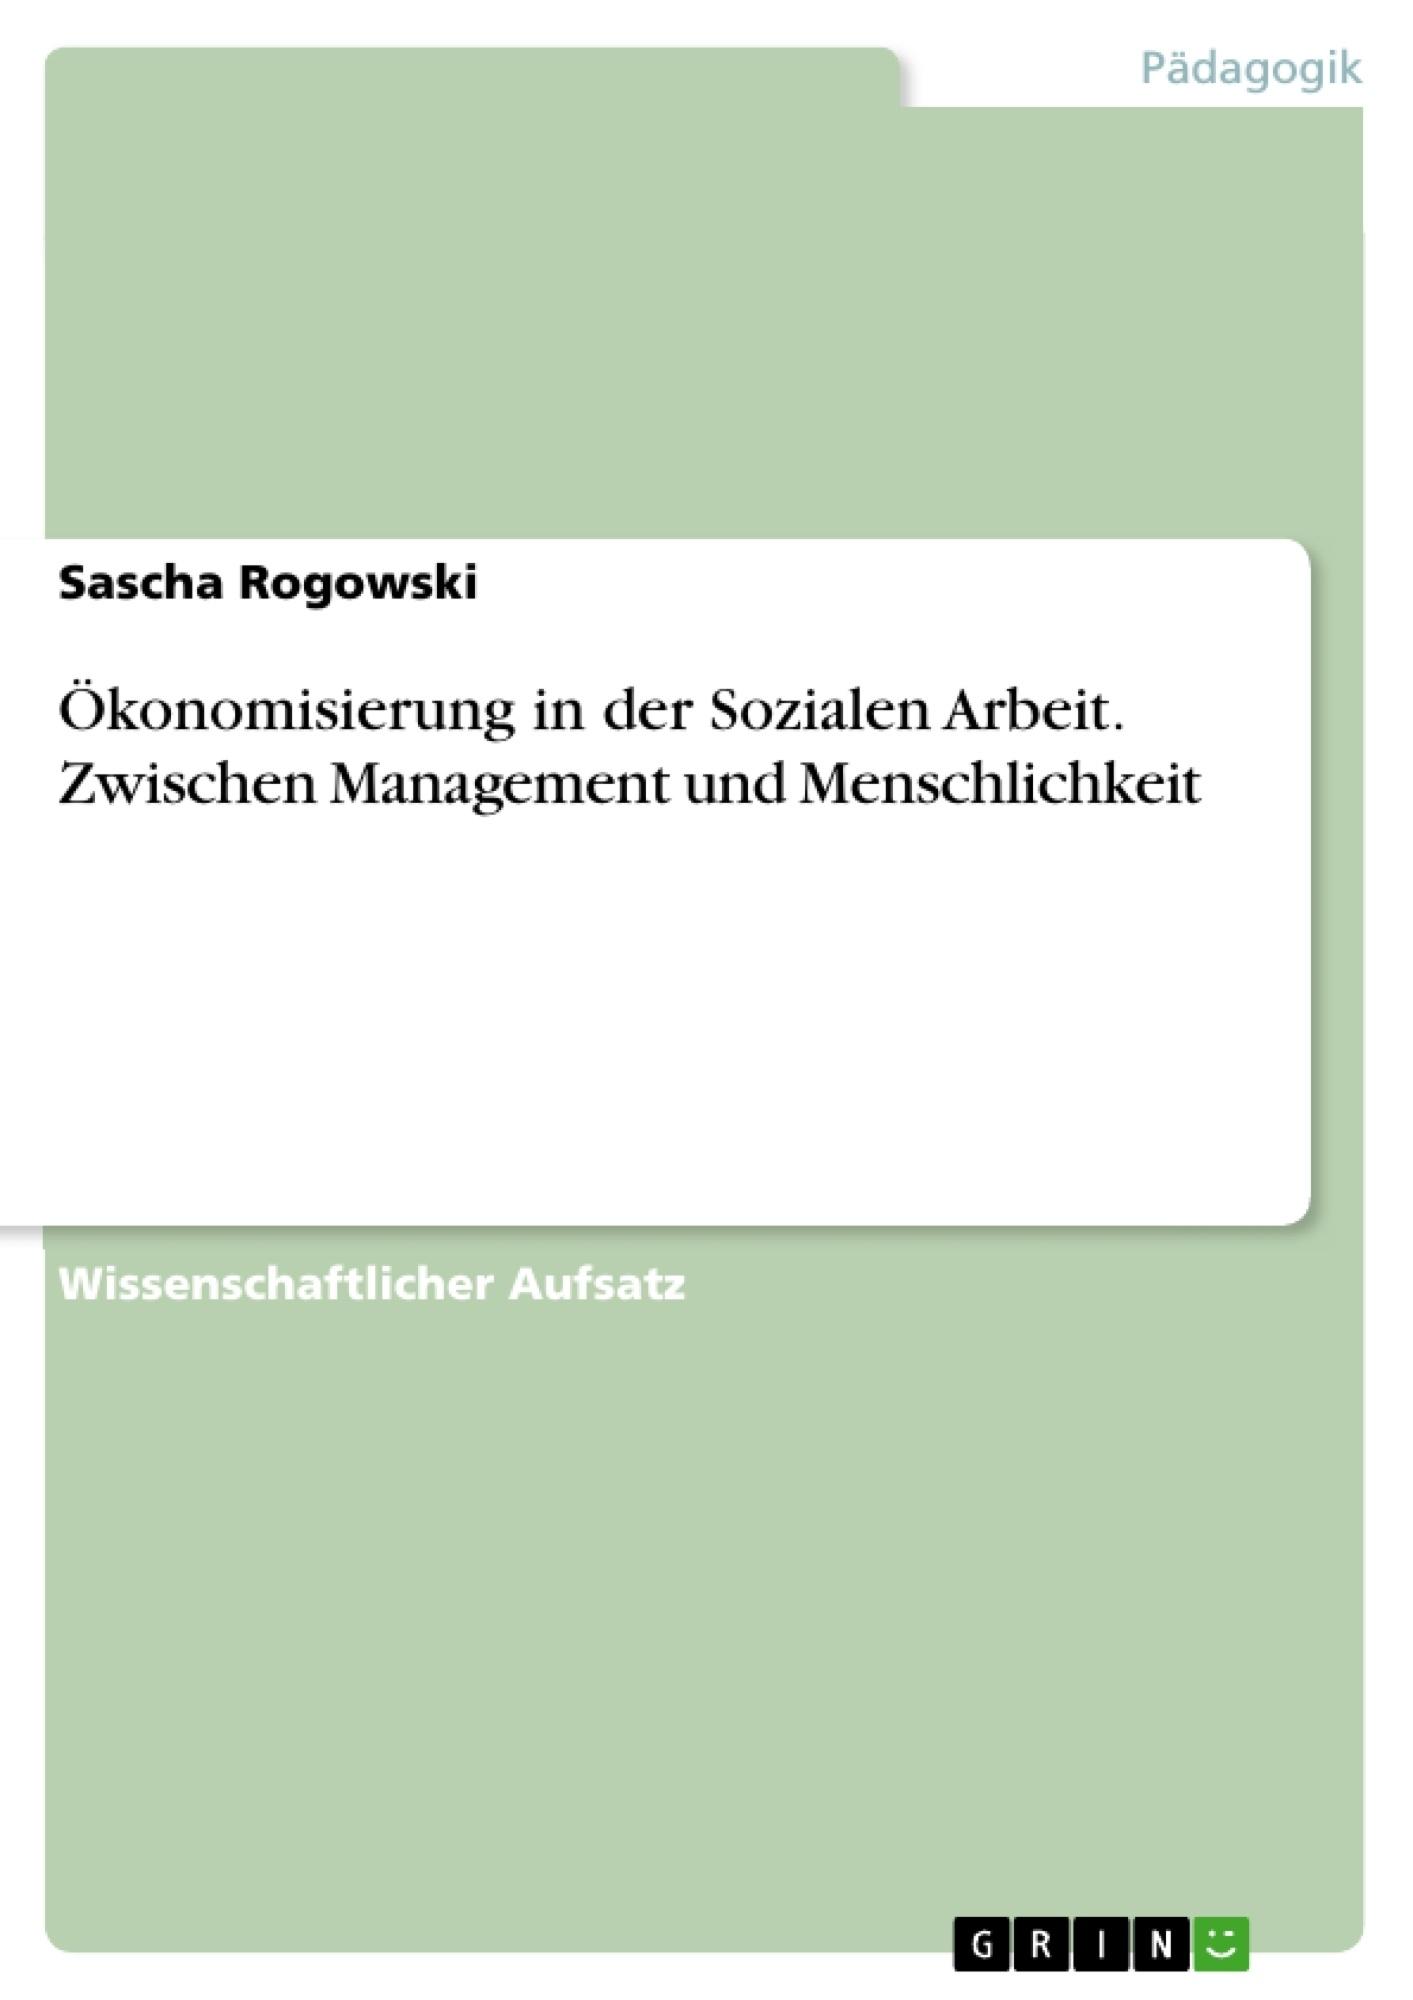 Titel: Ökonomisierung in der Sozialen Arbeit. Zwischen Management und Menschlichkeit